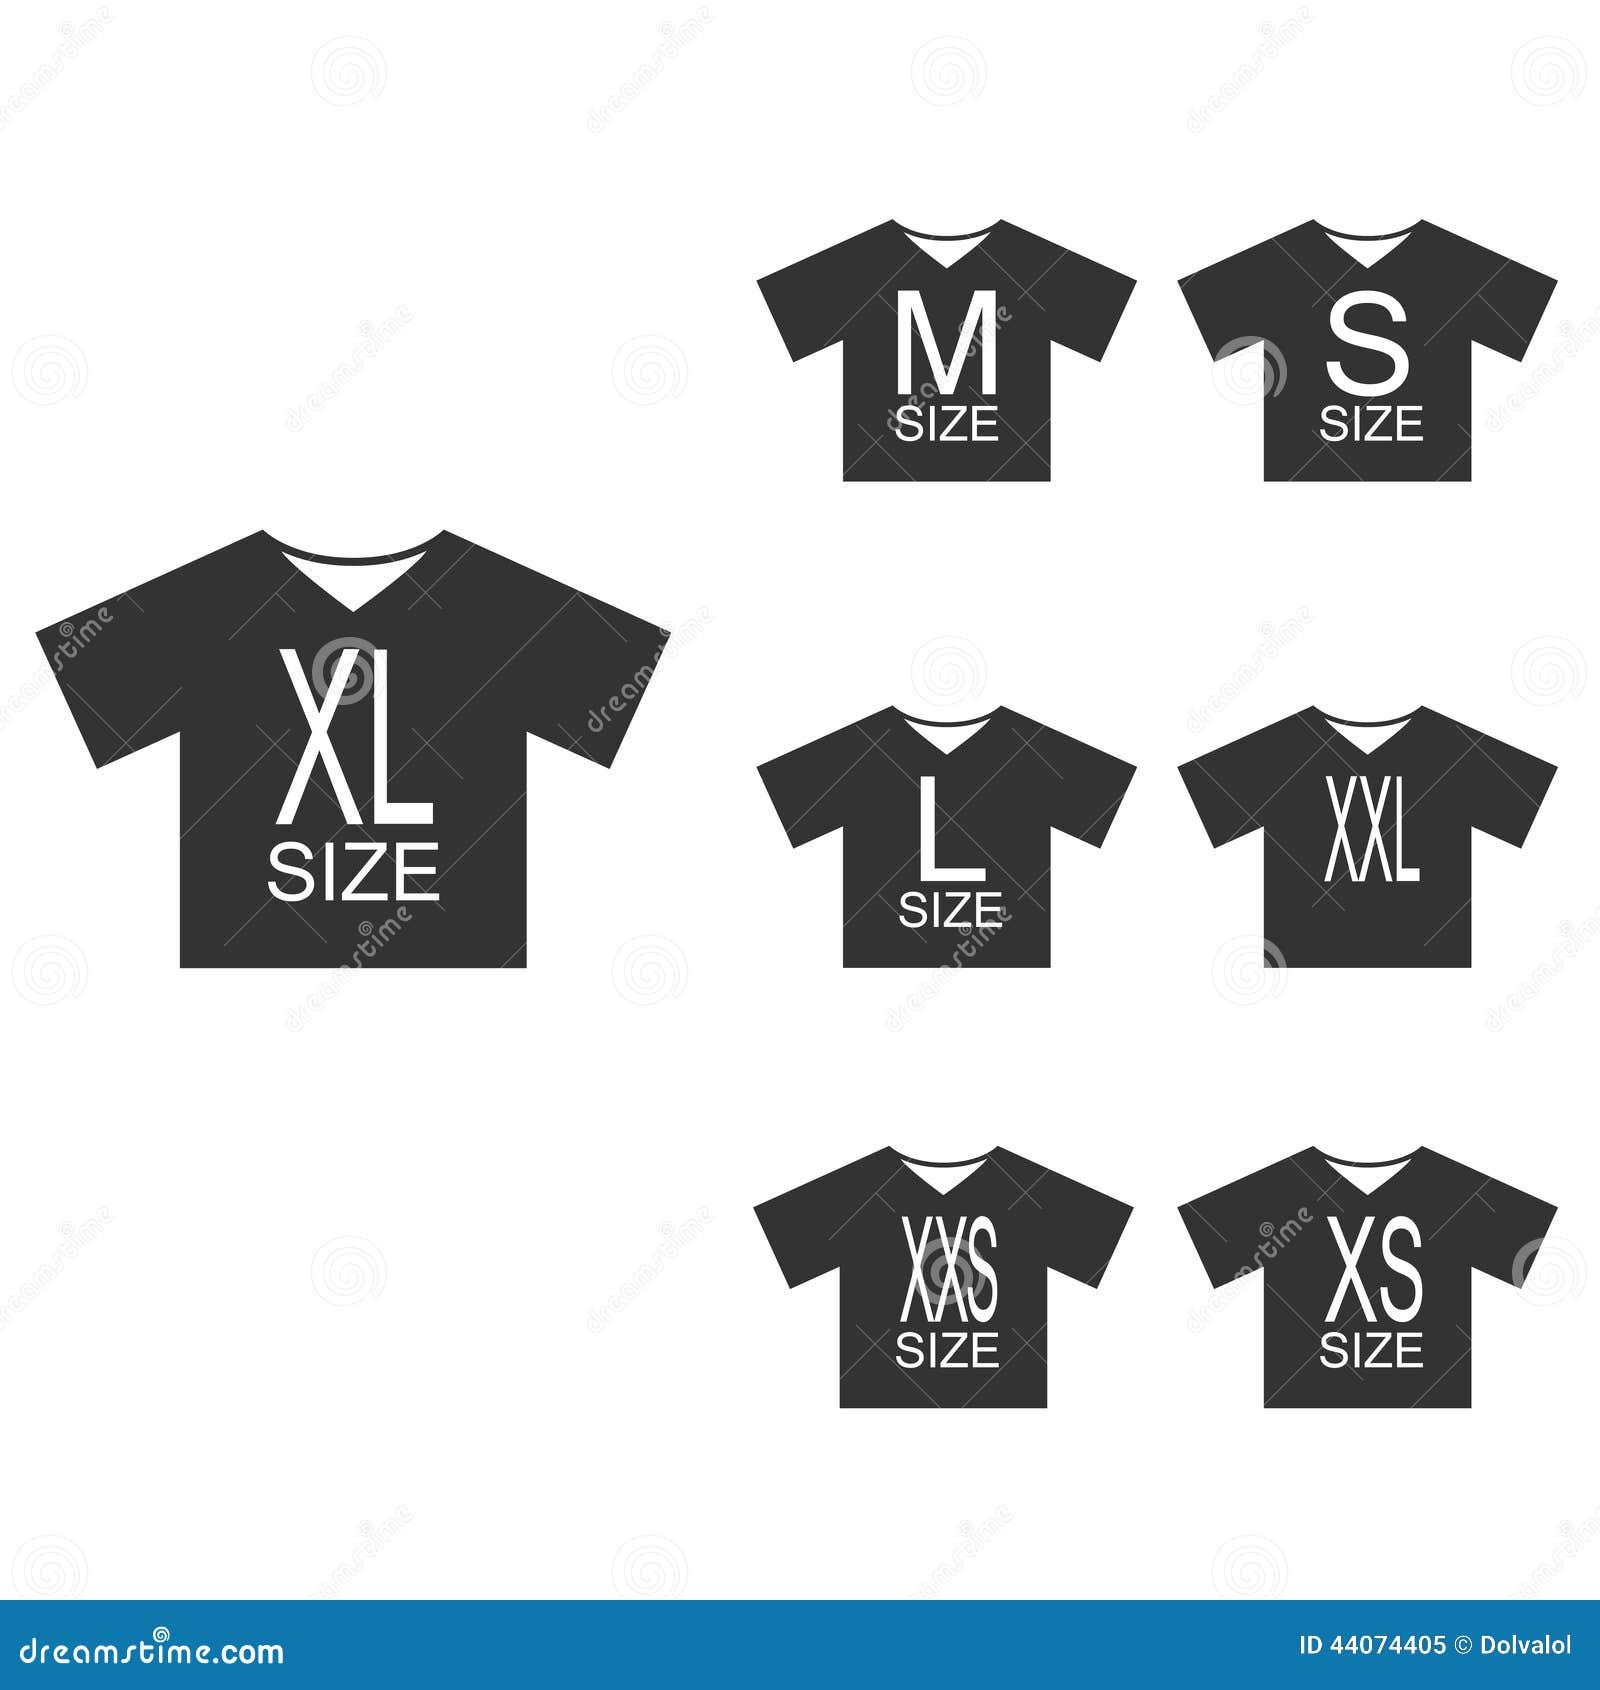 Shirt Design Tools